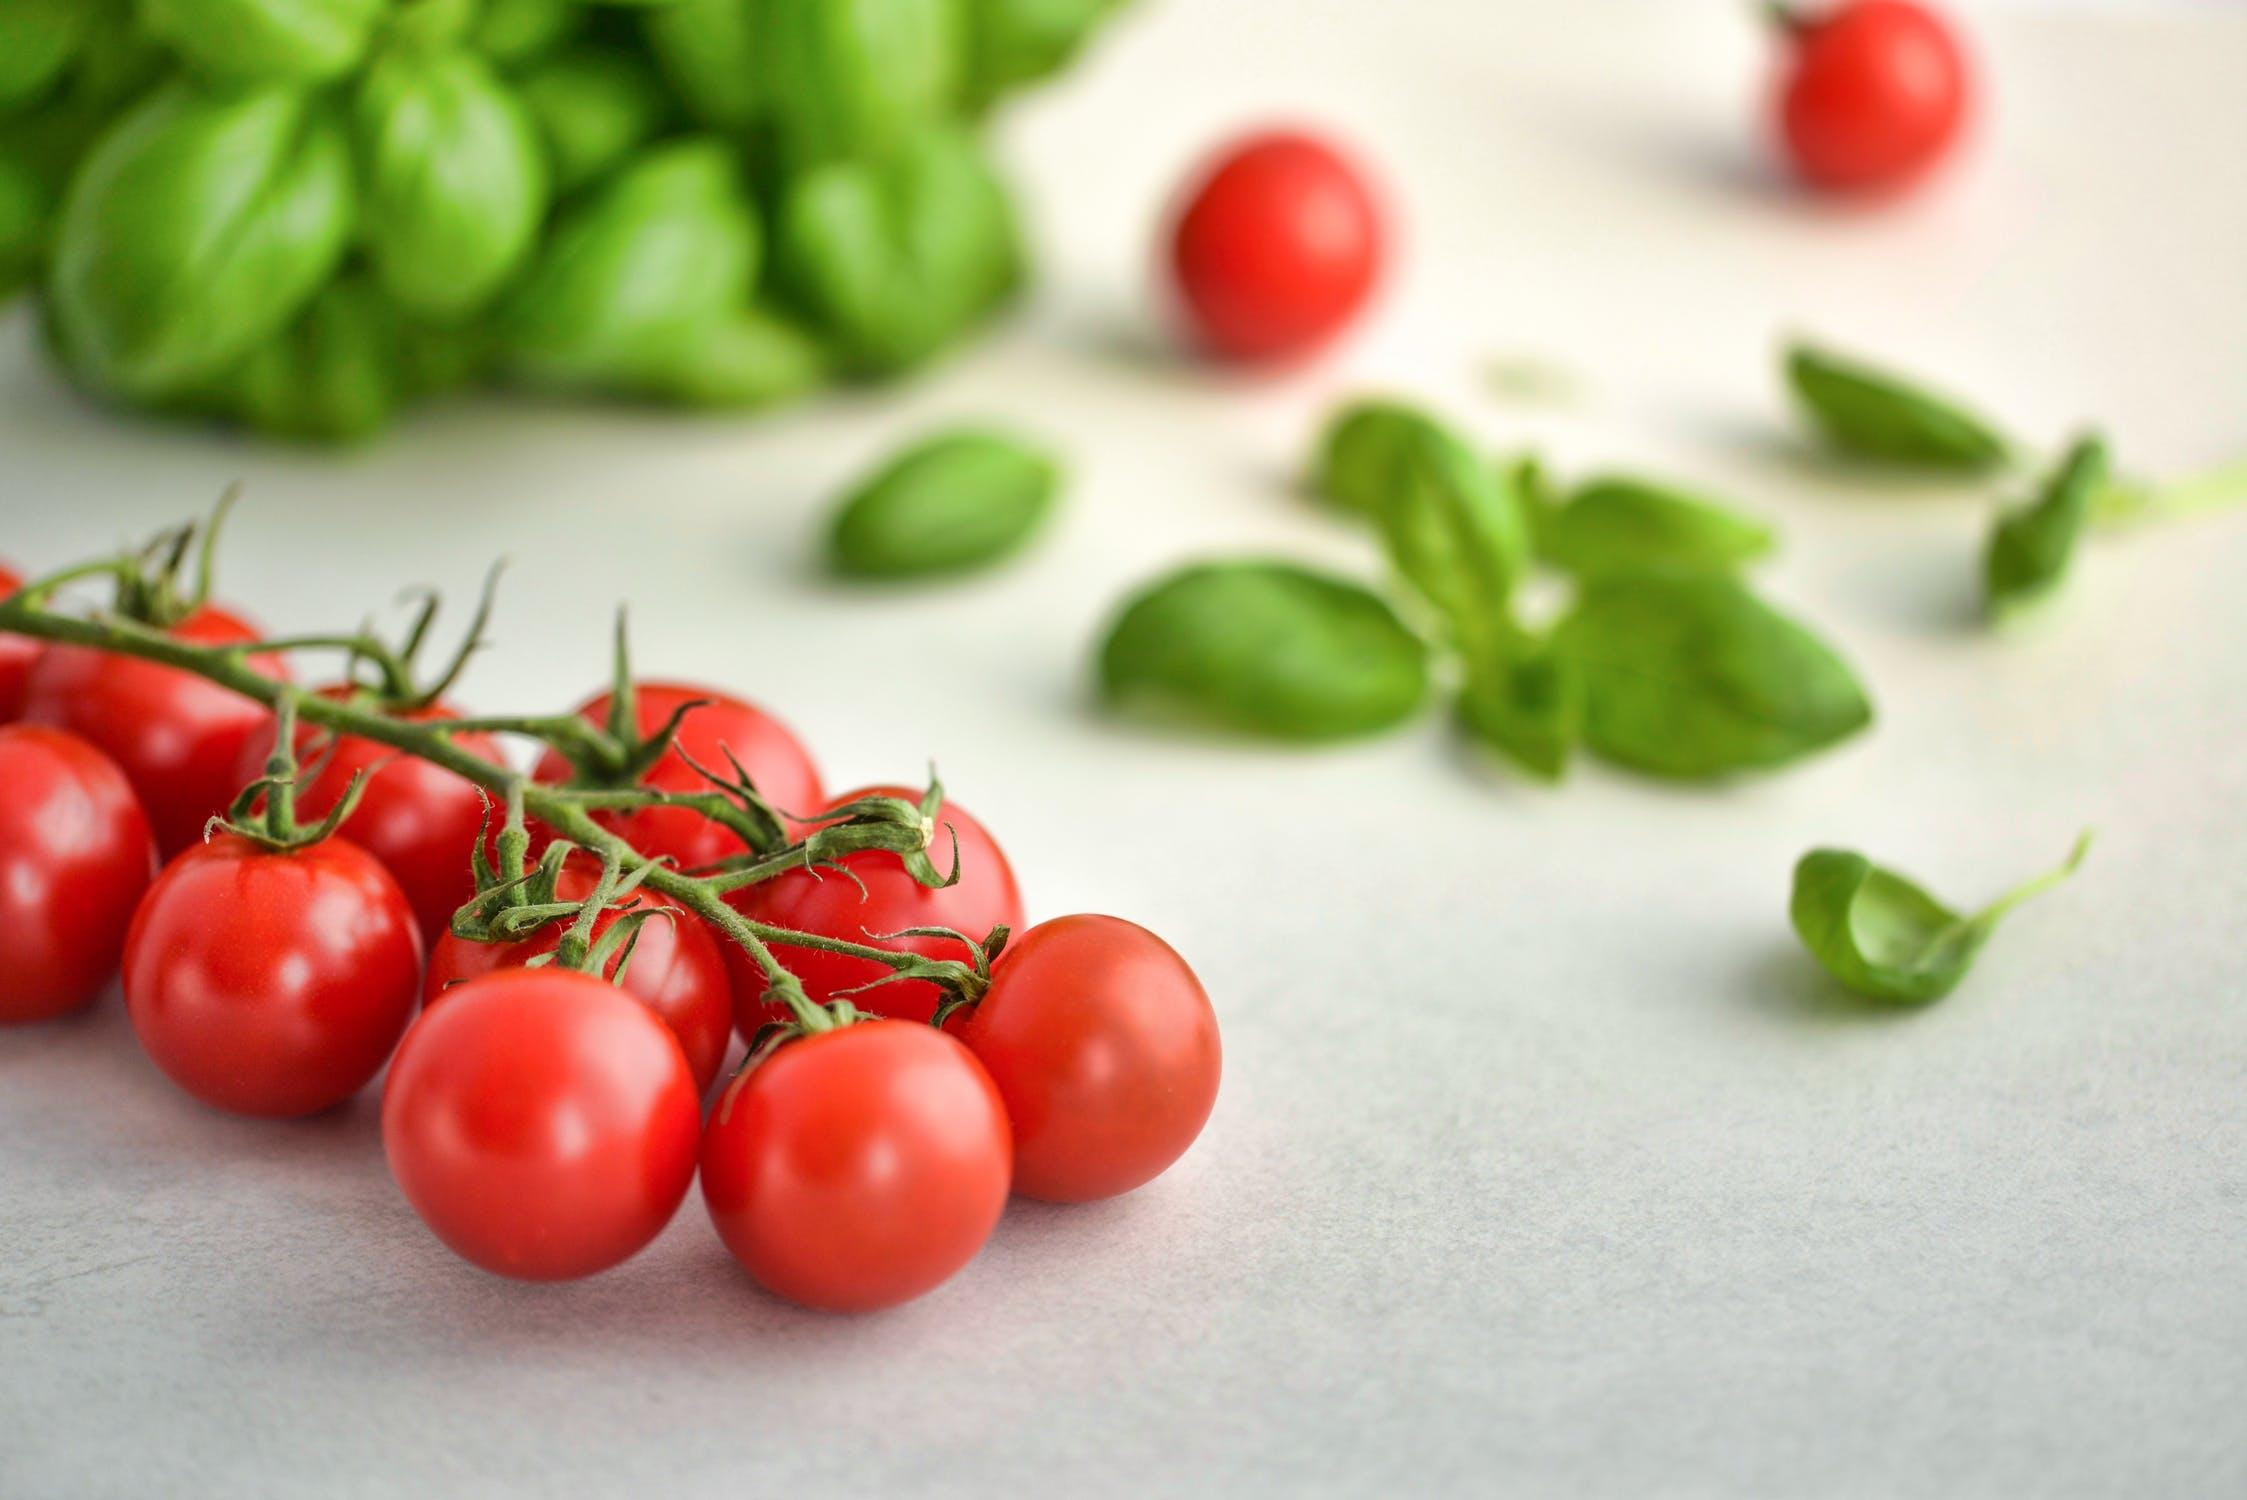 Nhờ chứa nhiều chất dinh dưỡng nên cà chua mang nhiều lợi ích làm đẹp.